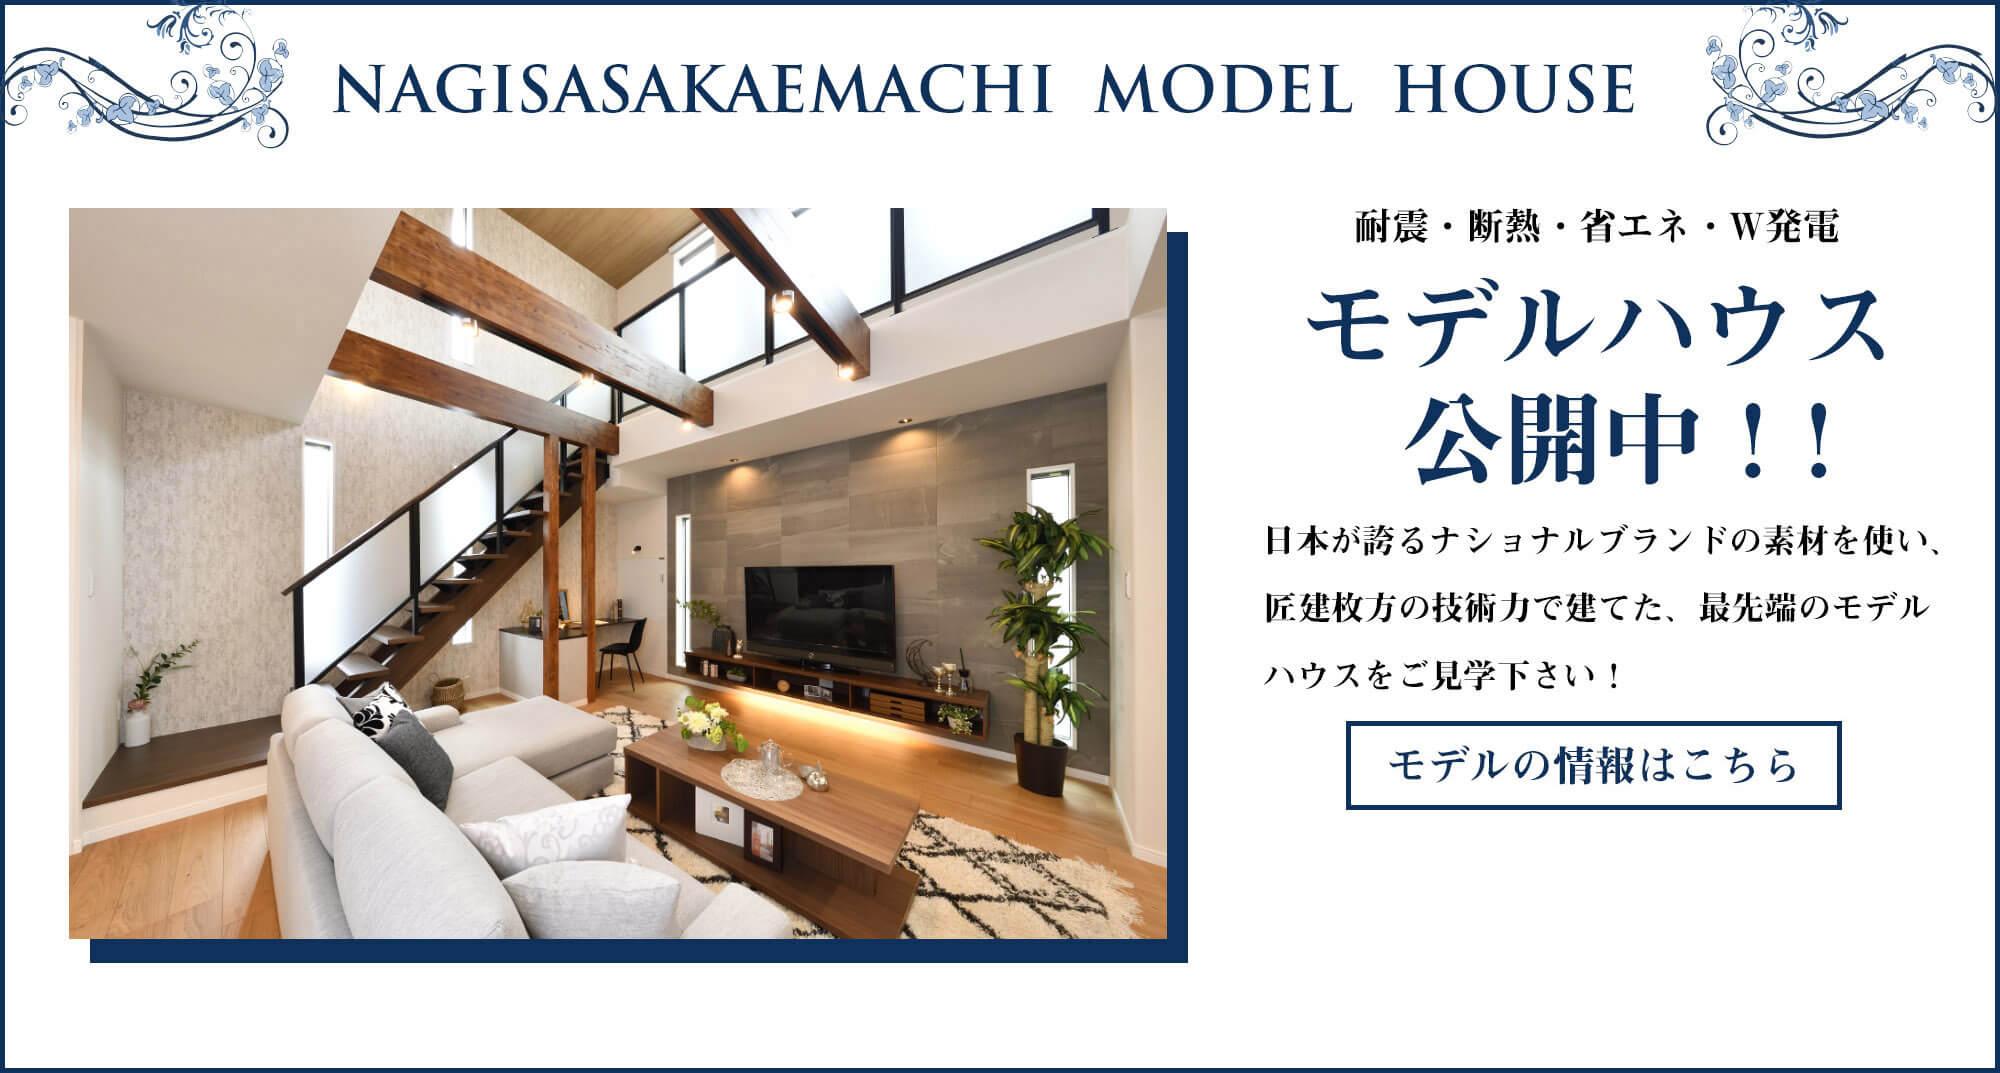 モデルハウスの見学について(枚方市内)